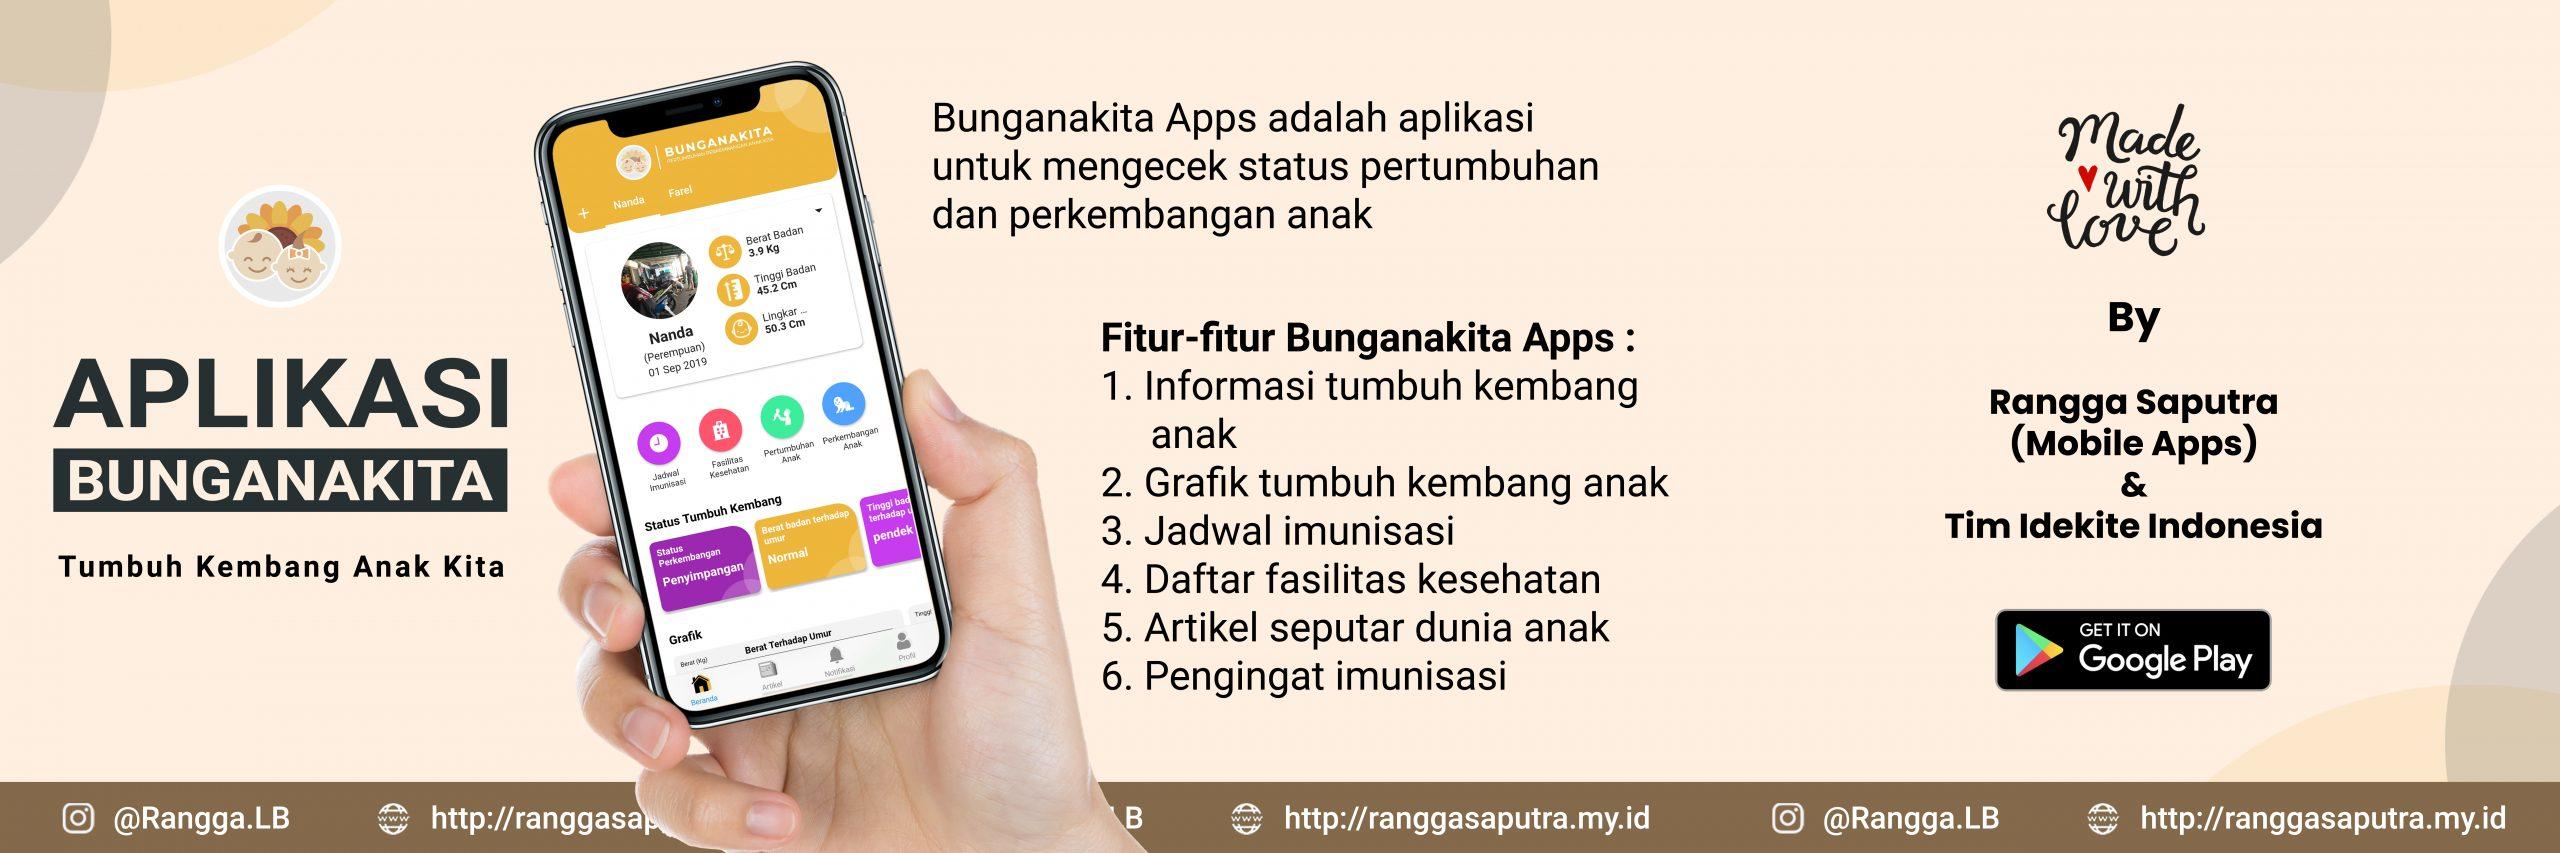 Bunganakita Application